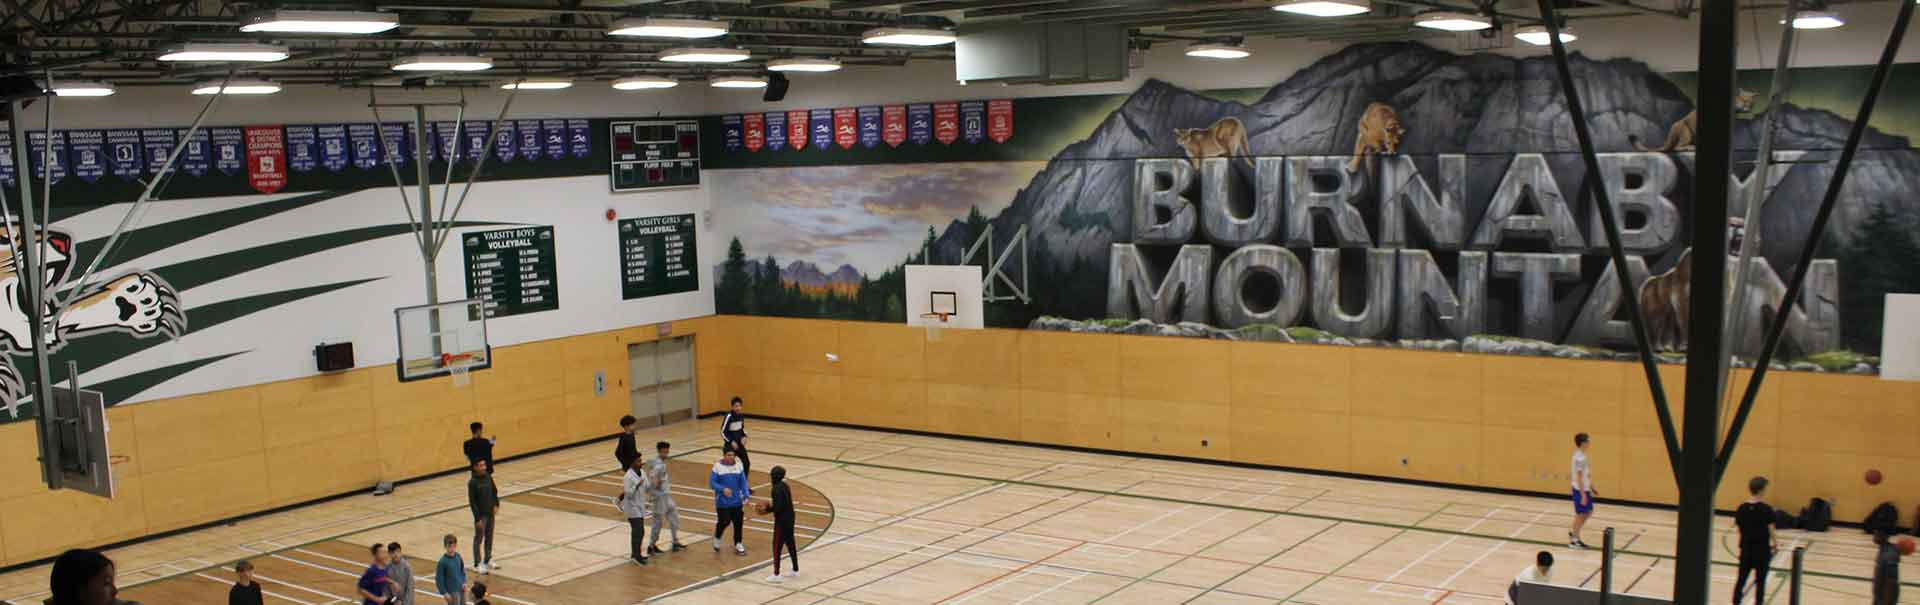 BurnabySchoolDistrict-Gymnasium-Banner-2020